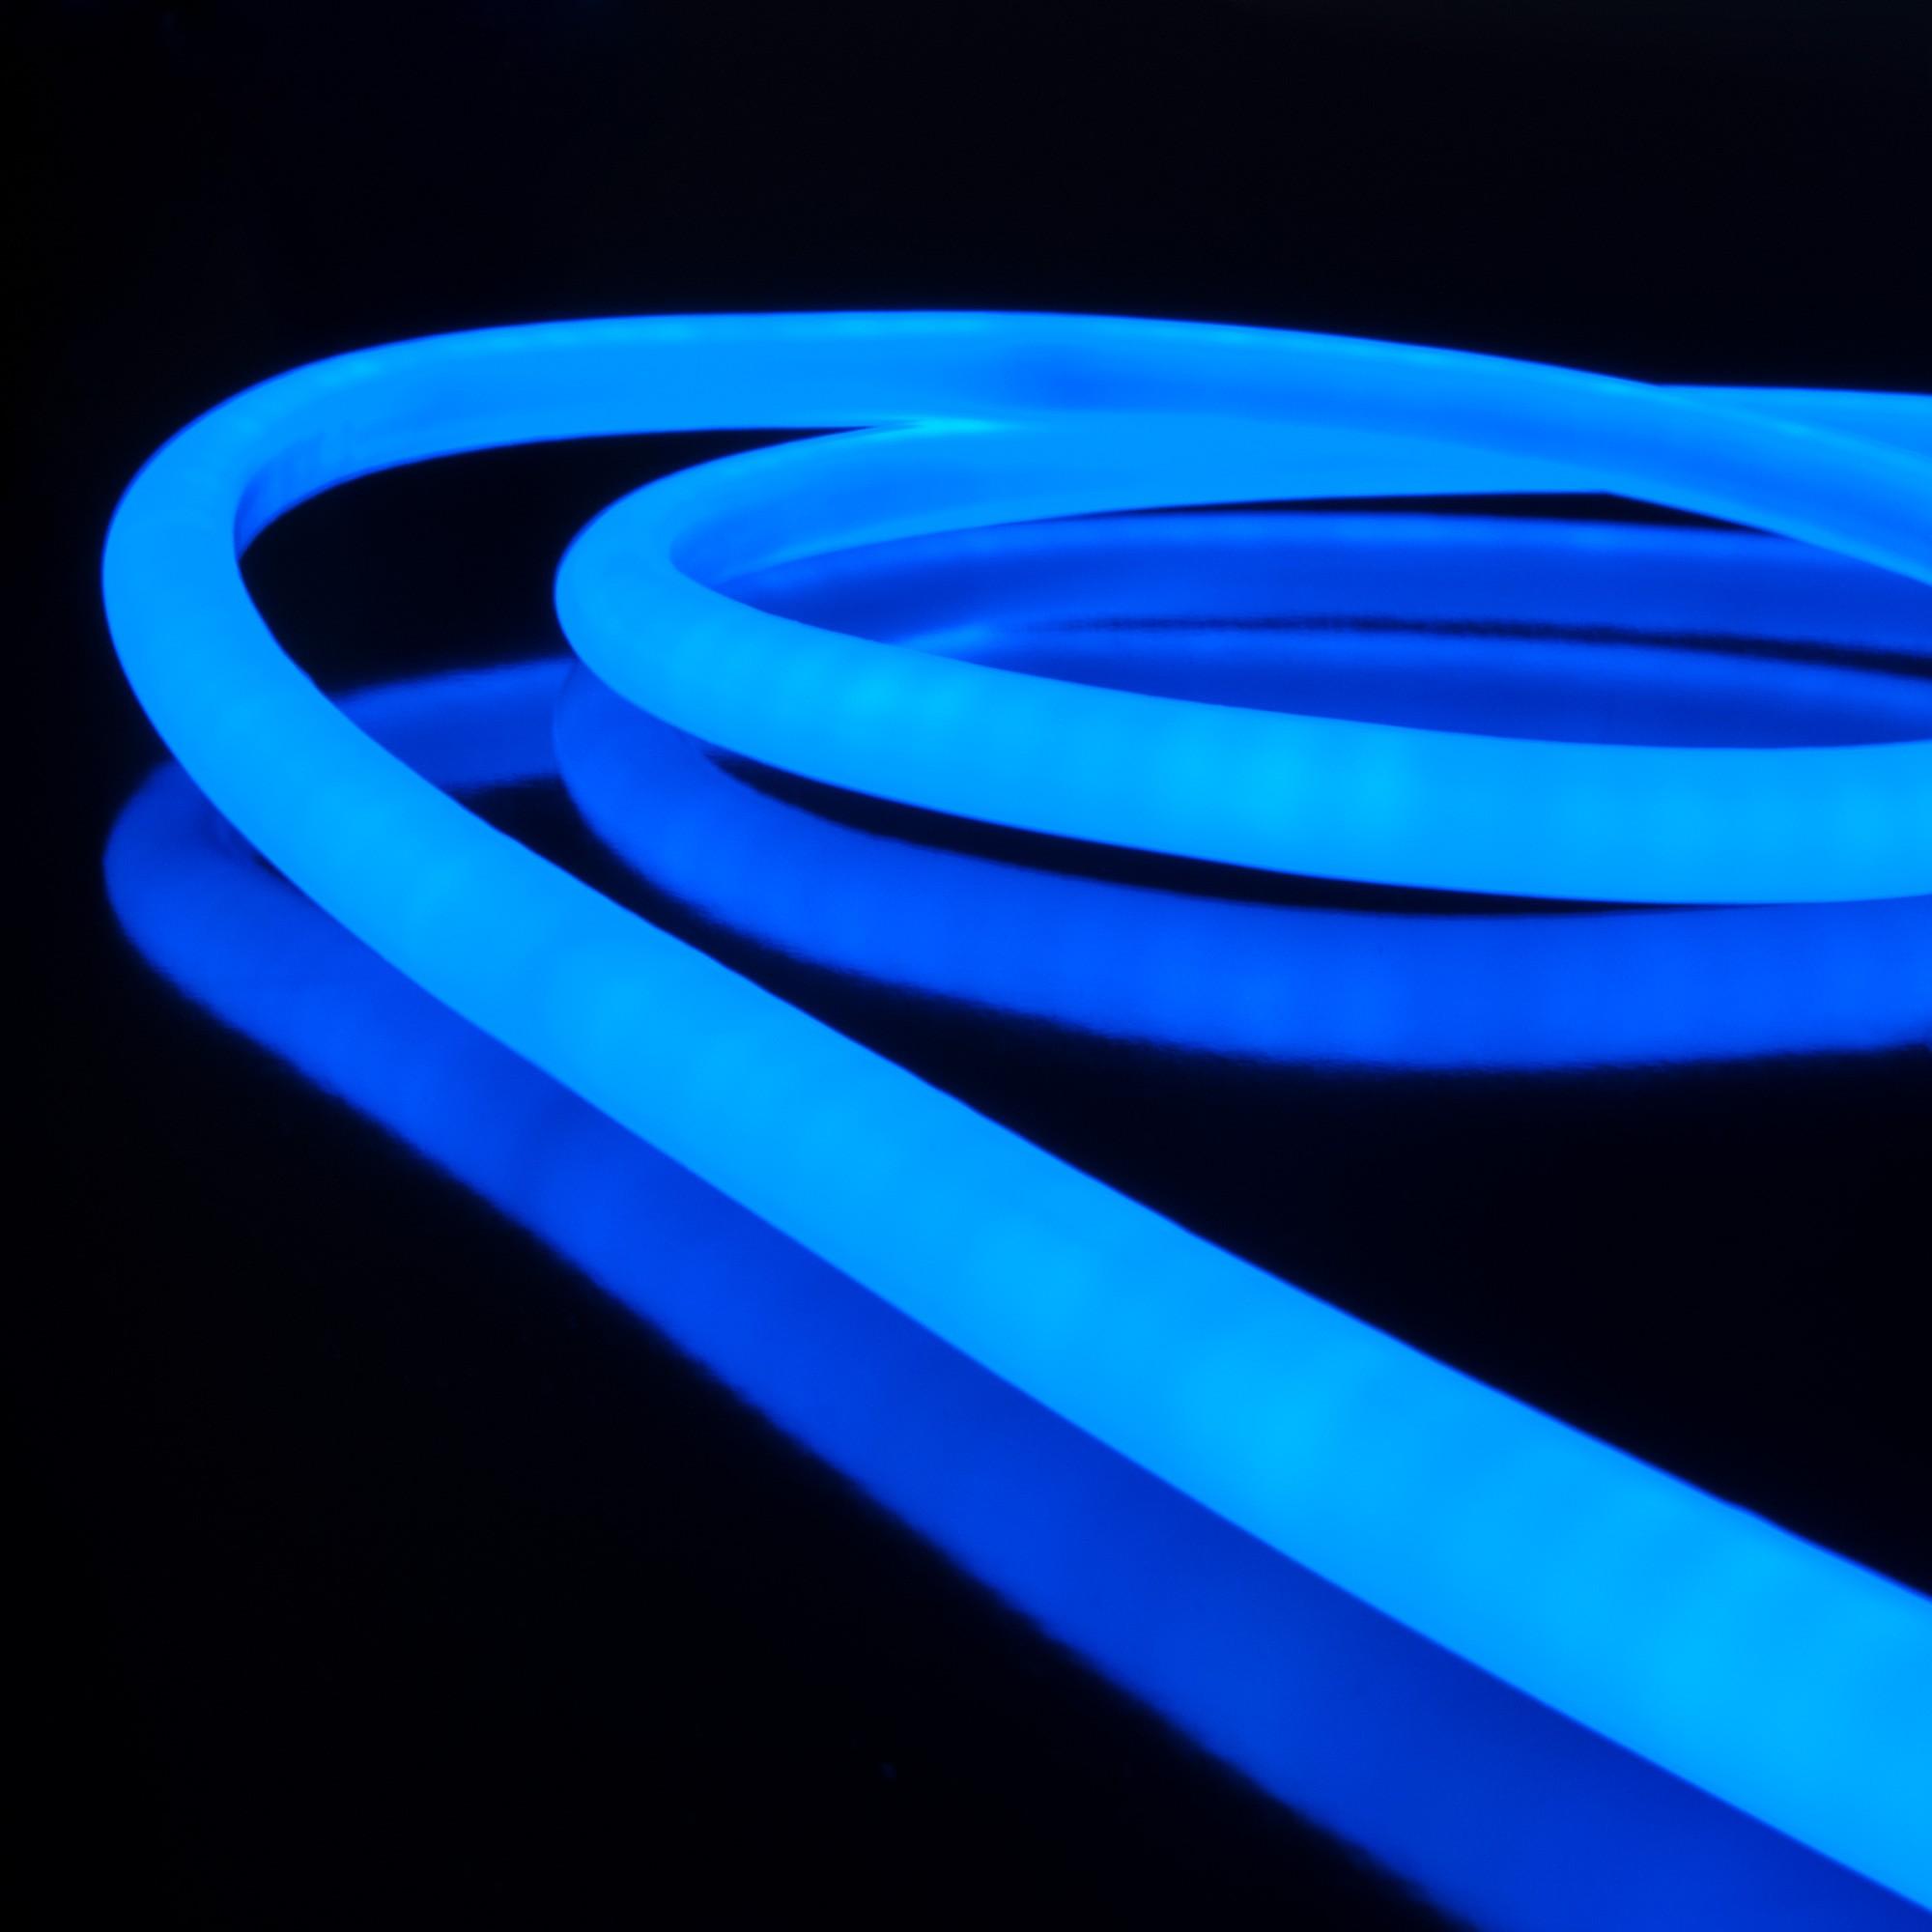 Набор гибкий неон LS002 220V 9.6W 120Led 2835 IP67 круглый синий, 10 м